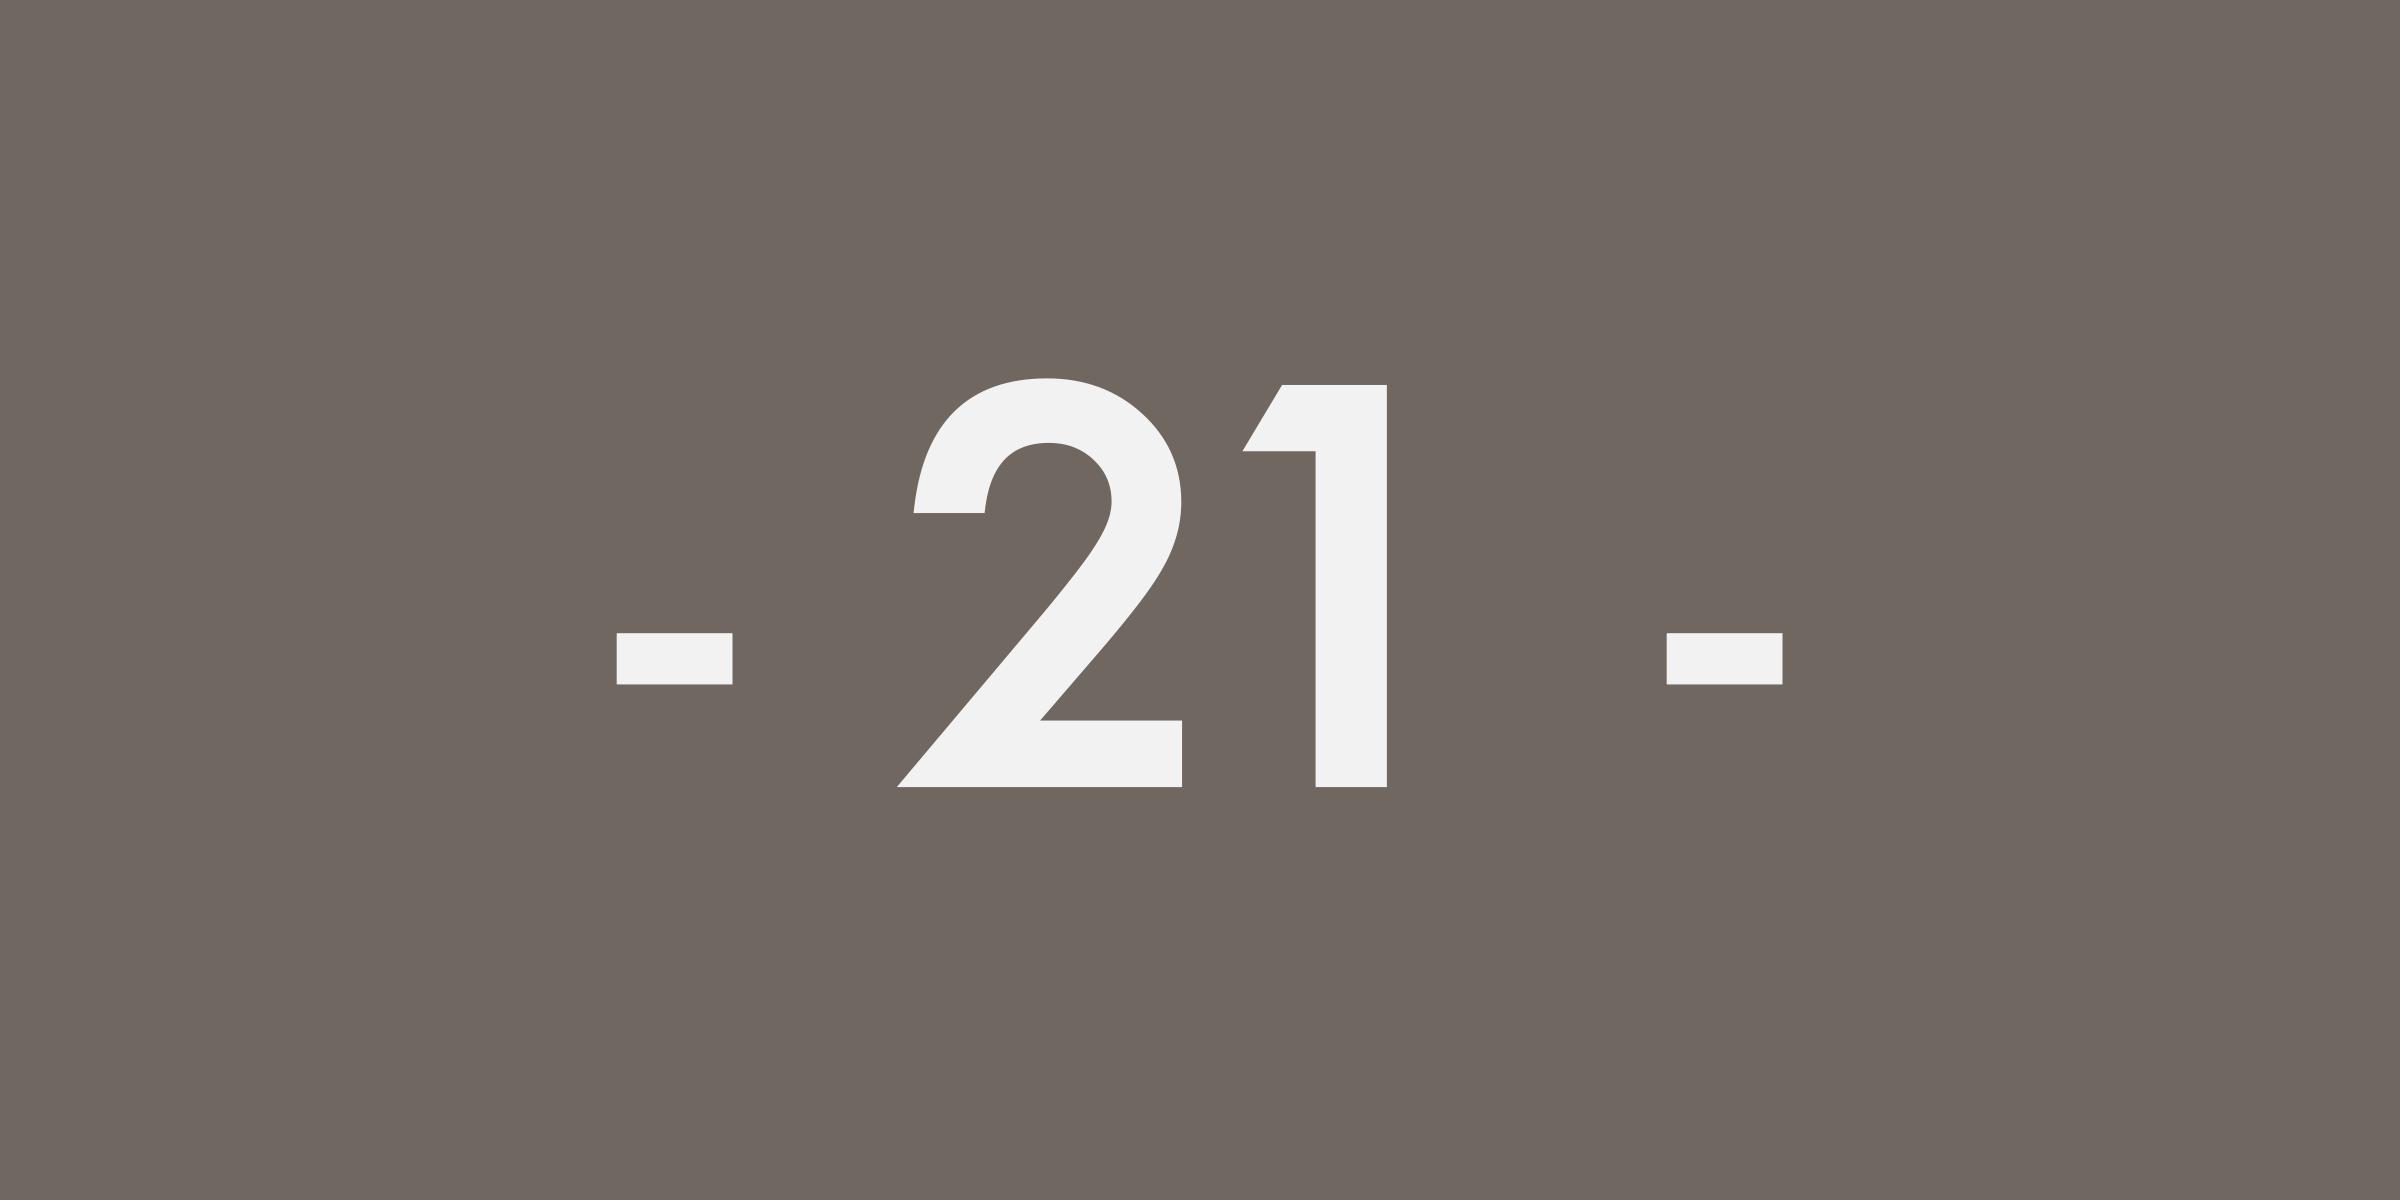 21 key kalimba song